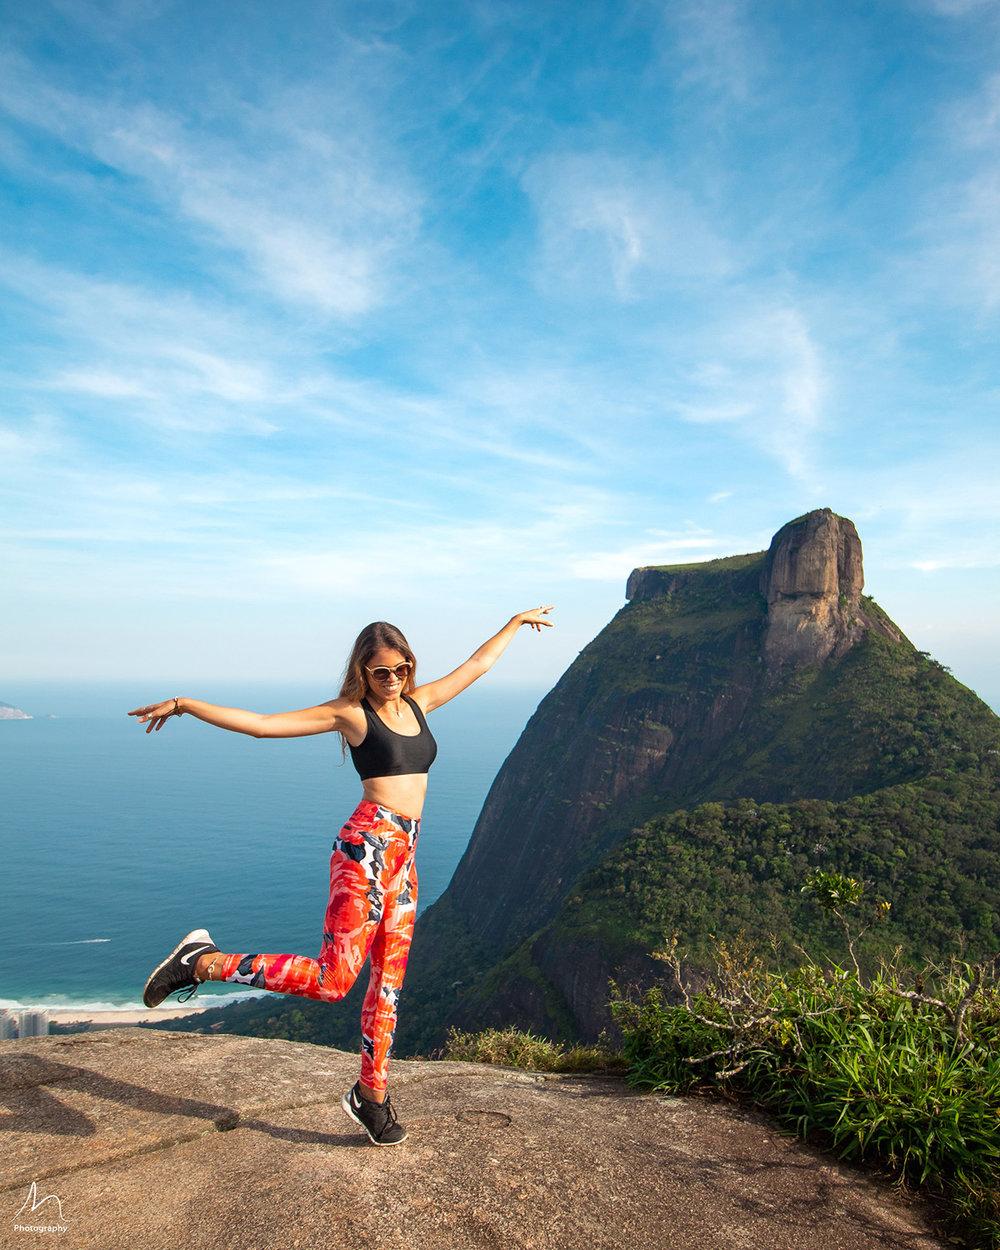 TRILHA-PEDRA-BONITA-RIO-04.jpg